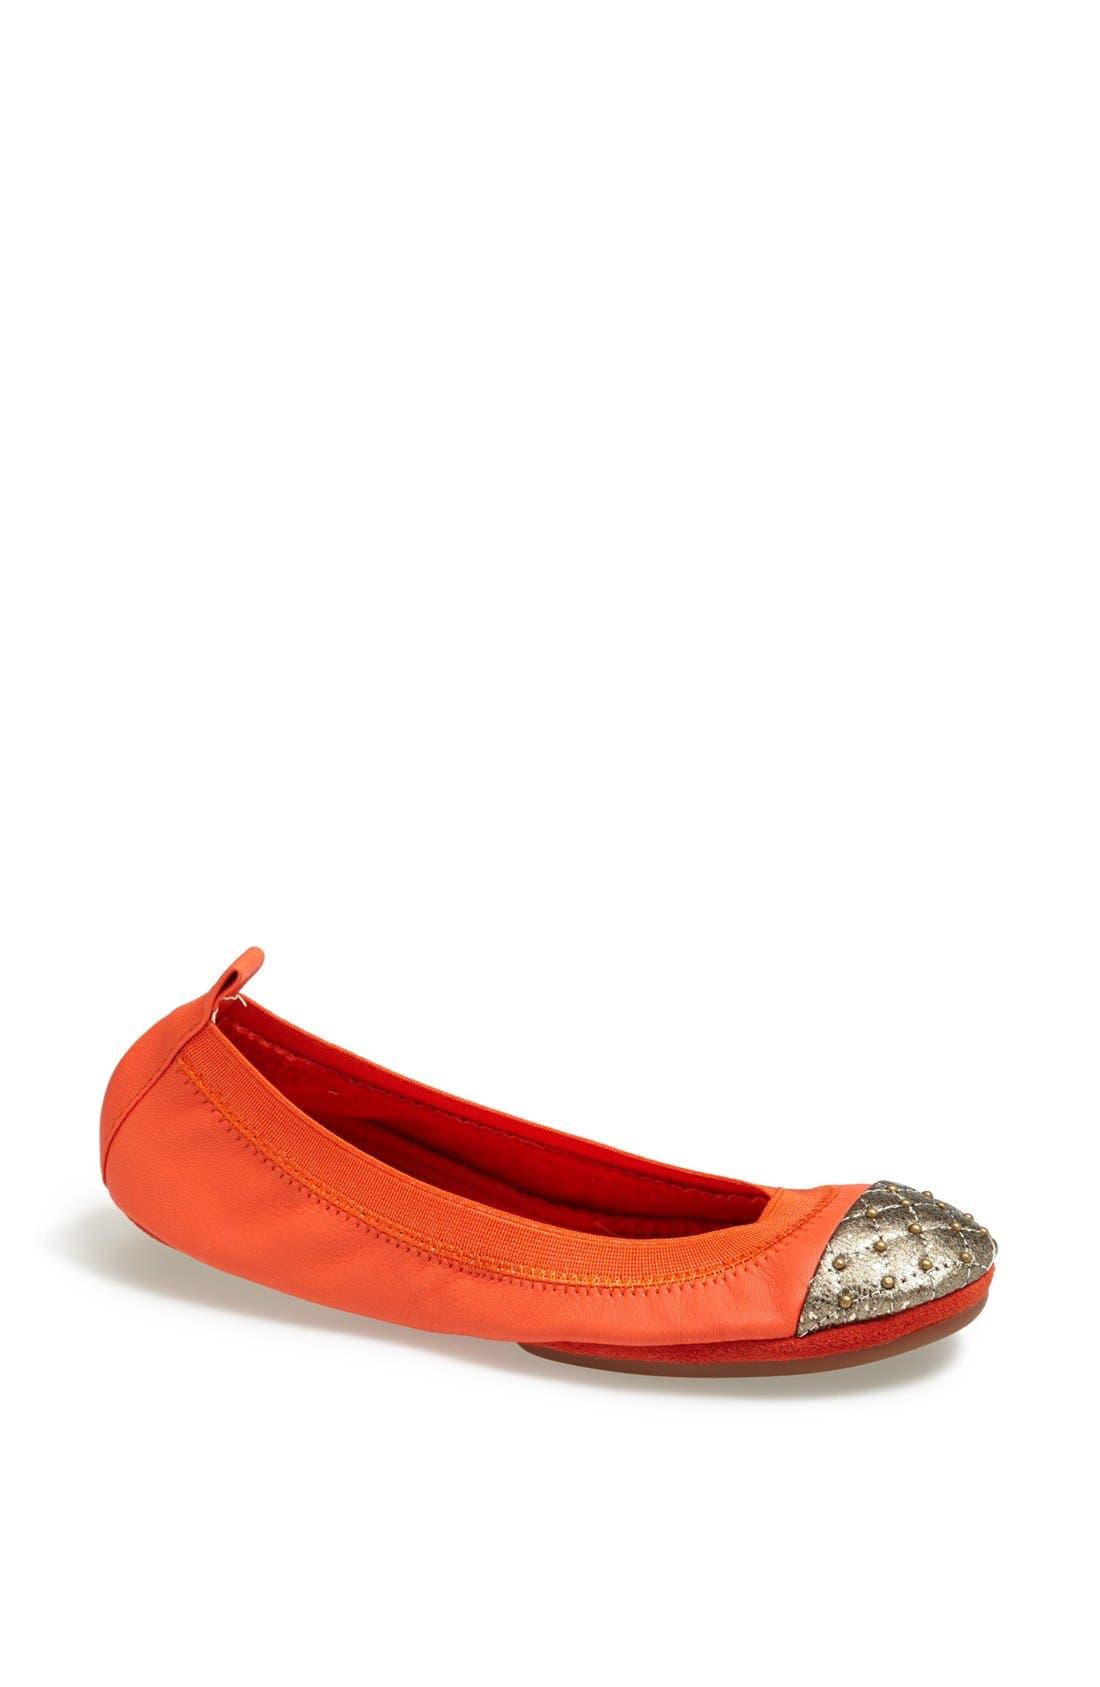 Main Image - Yosi Samra Studded Cap Toe Foldable Ballet Flat